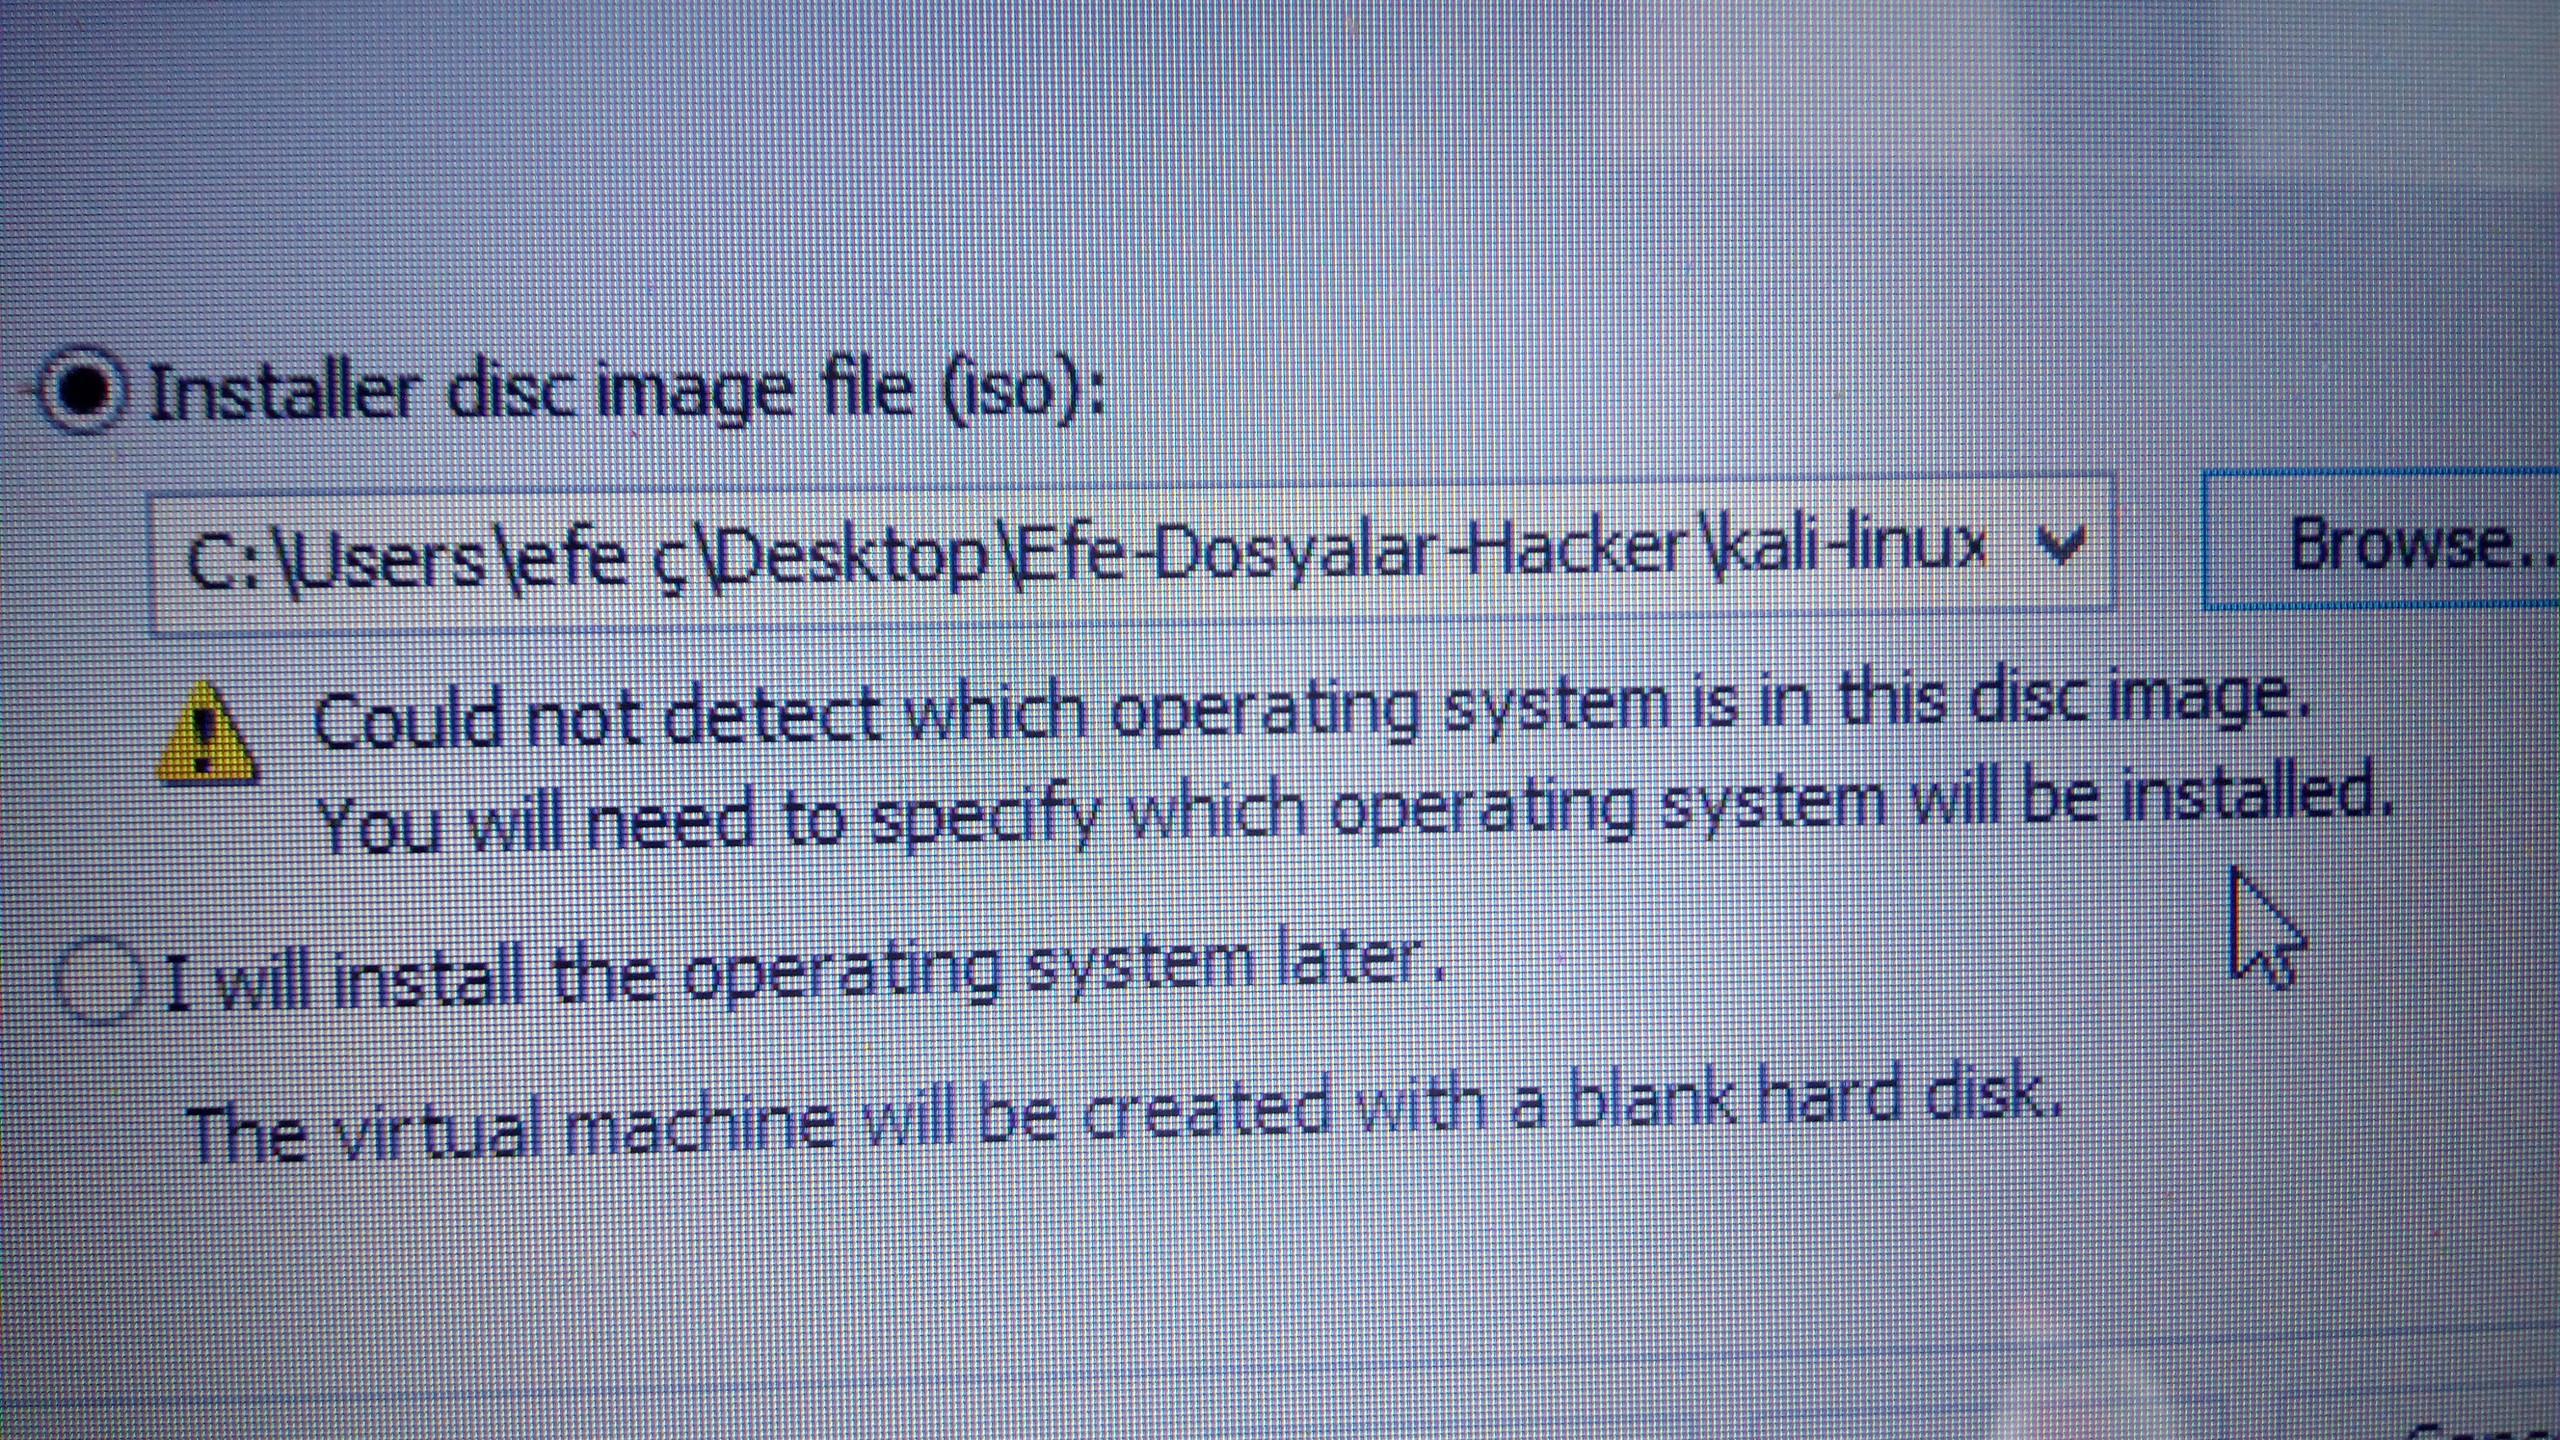 Kali Linux Kurulum .iso hatası